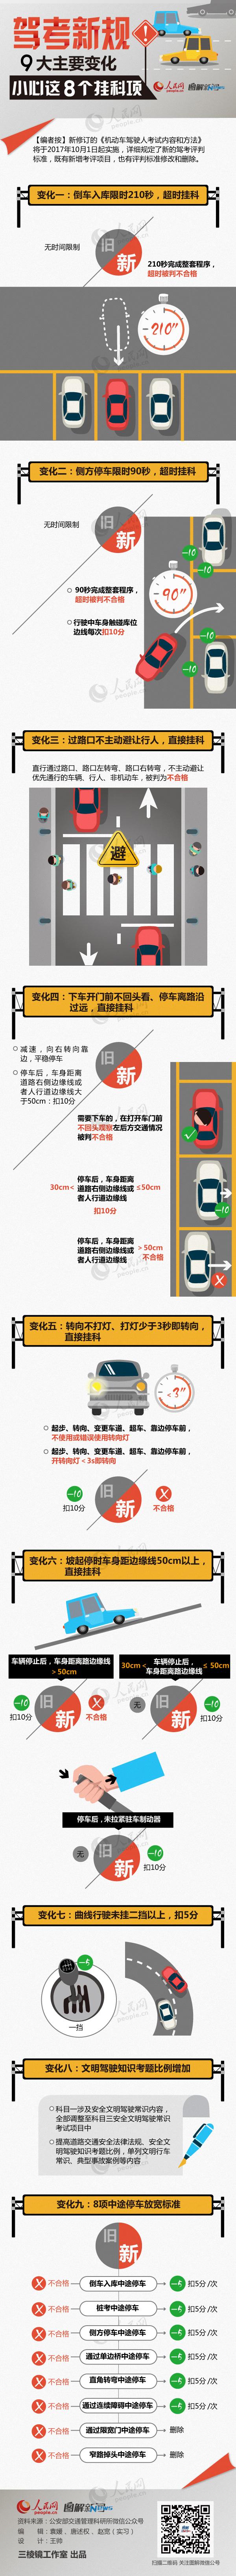 图解:驾考新规有9大主要变化,小心这8个挂科项